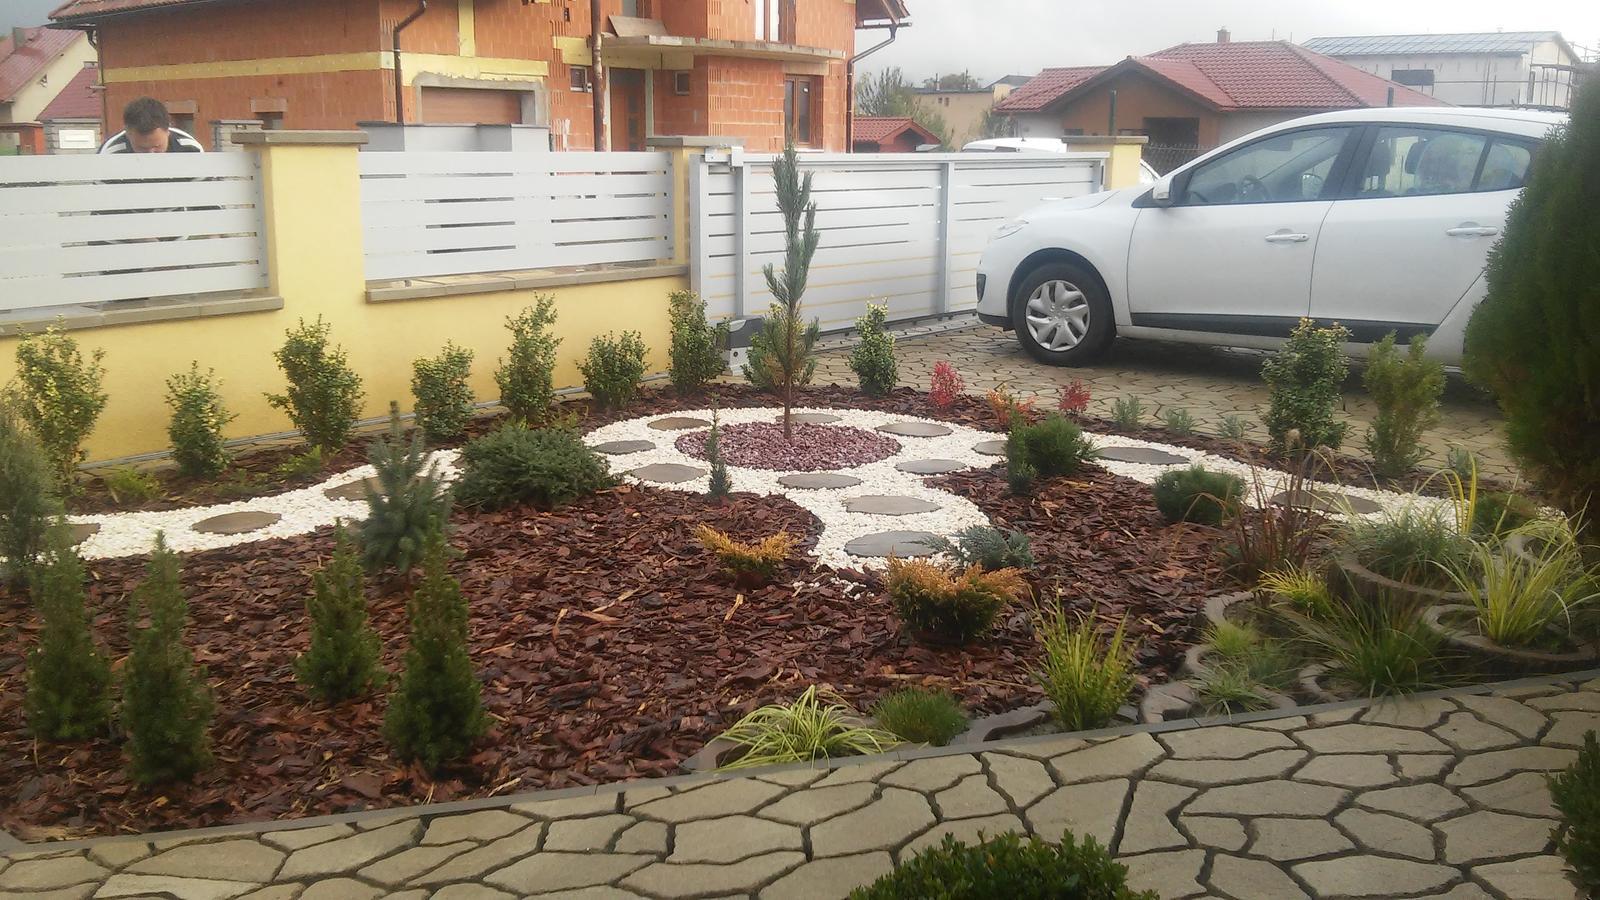 Zimna zahrada a okolie domu - Obrázok č. 10